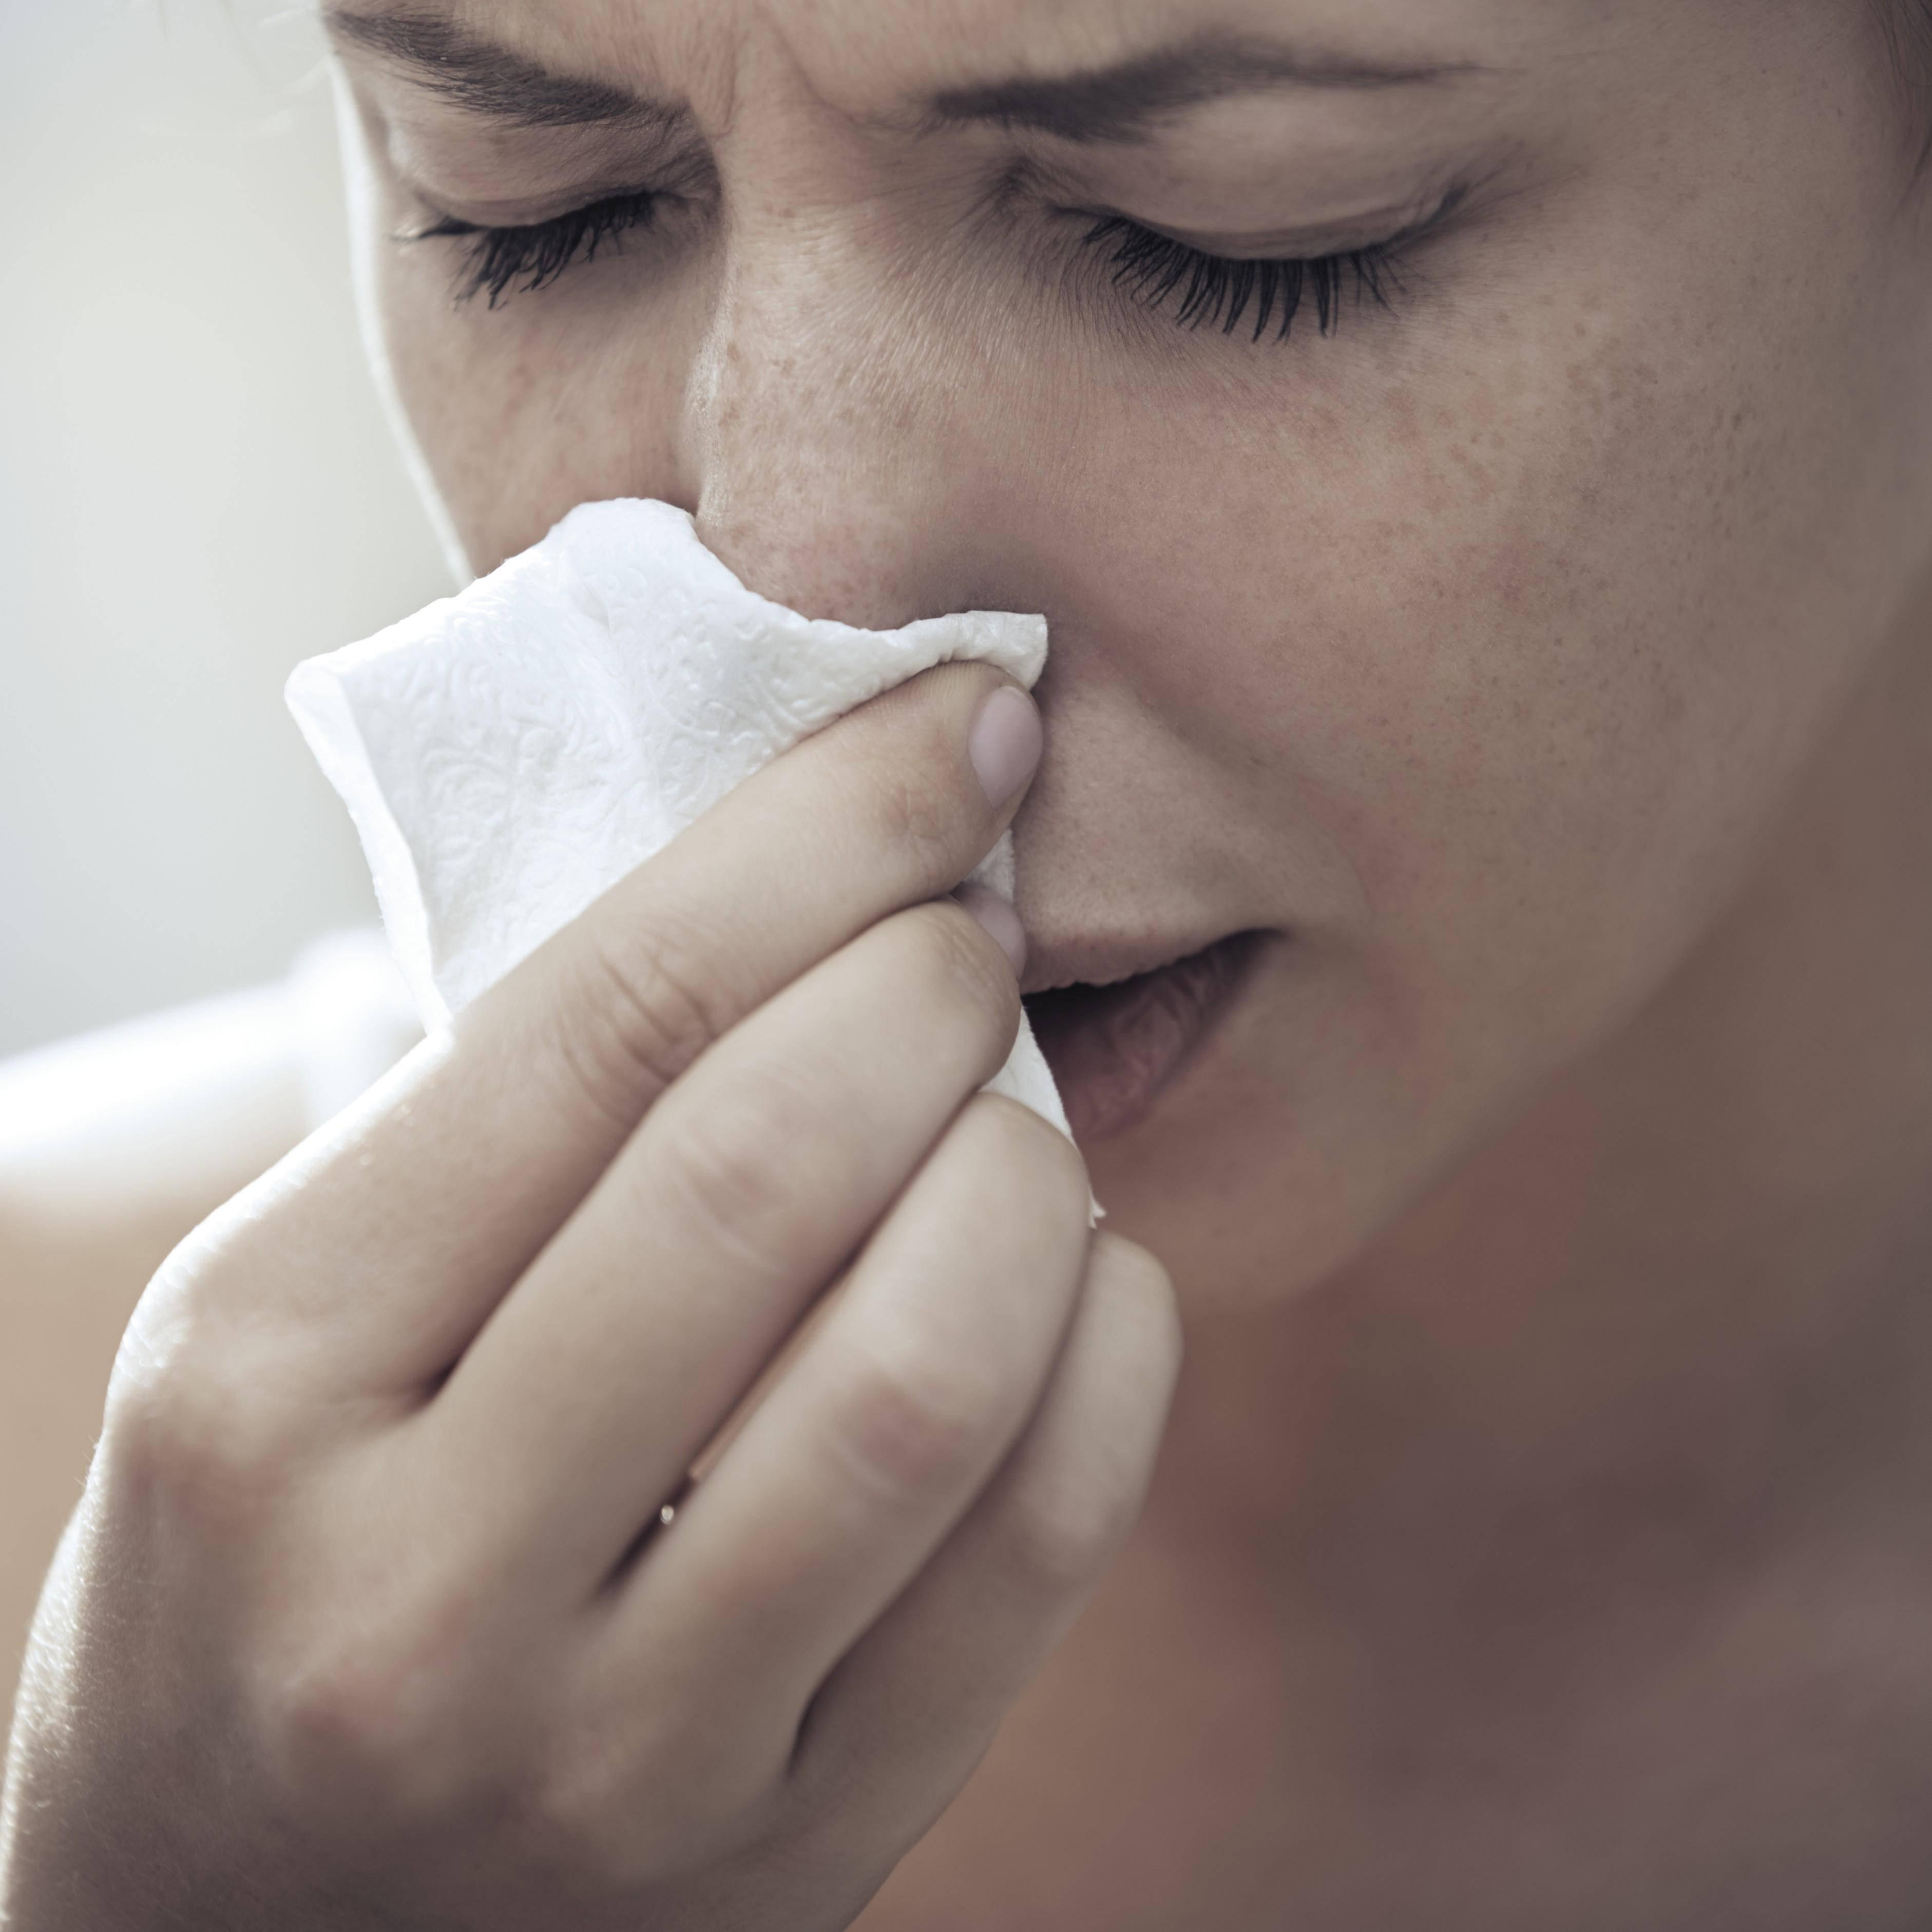 Ночная сухость во рту как симптом скрытого заболевания